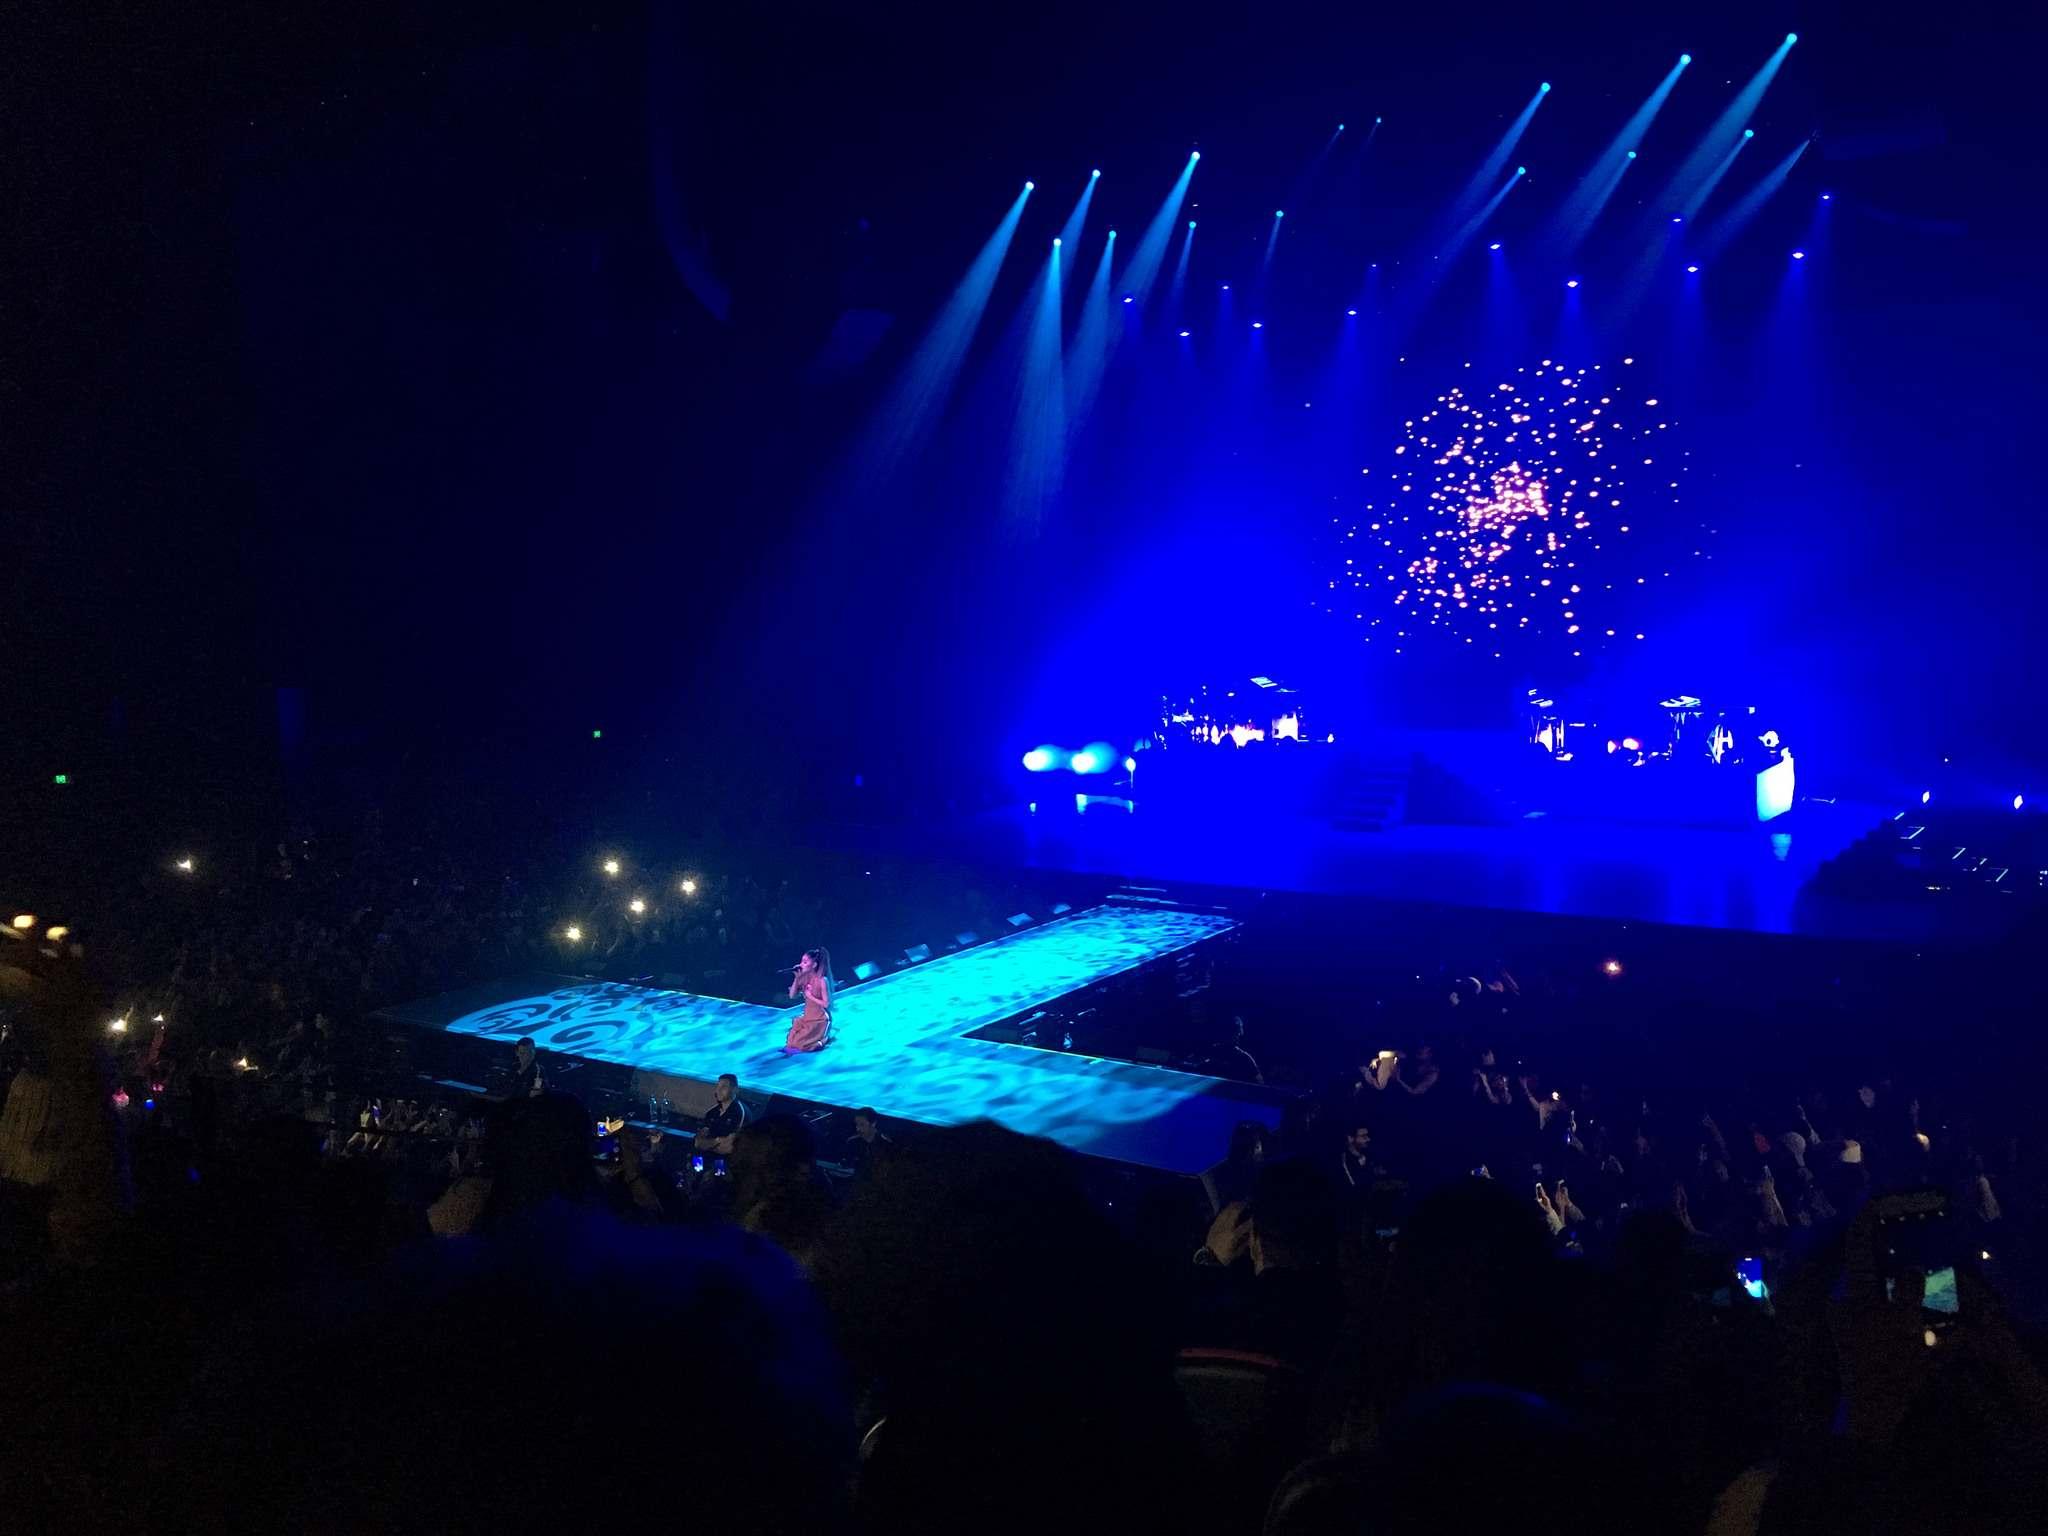 ariana grande4 Ariana Grande   Dangerous Woman Tour in Sydney, Australia